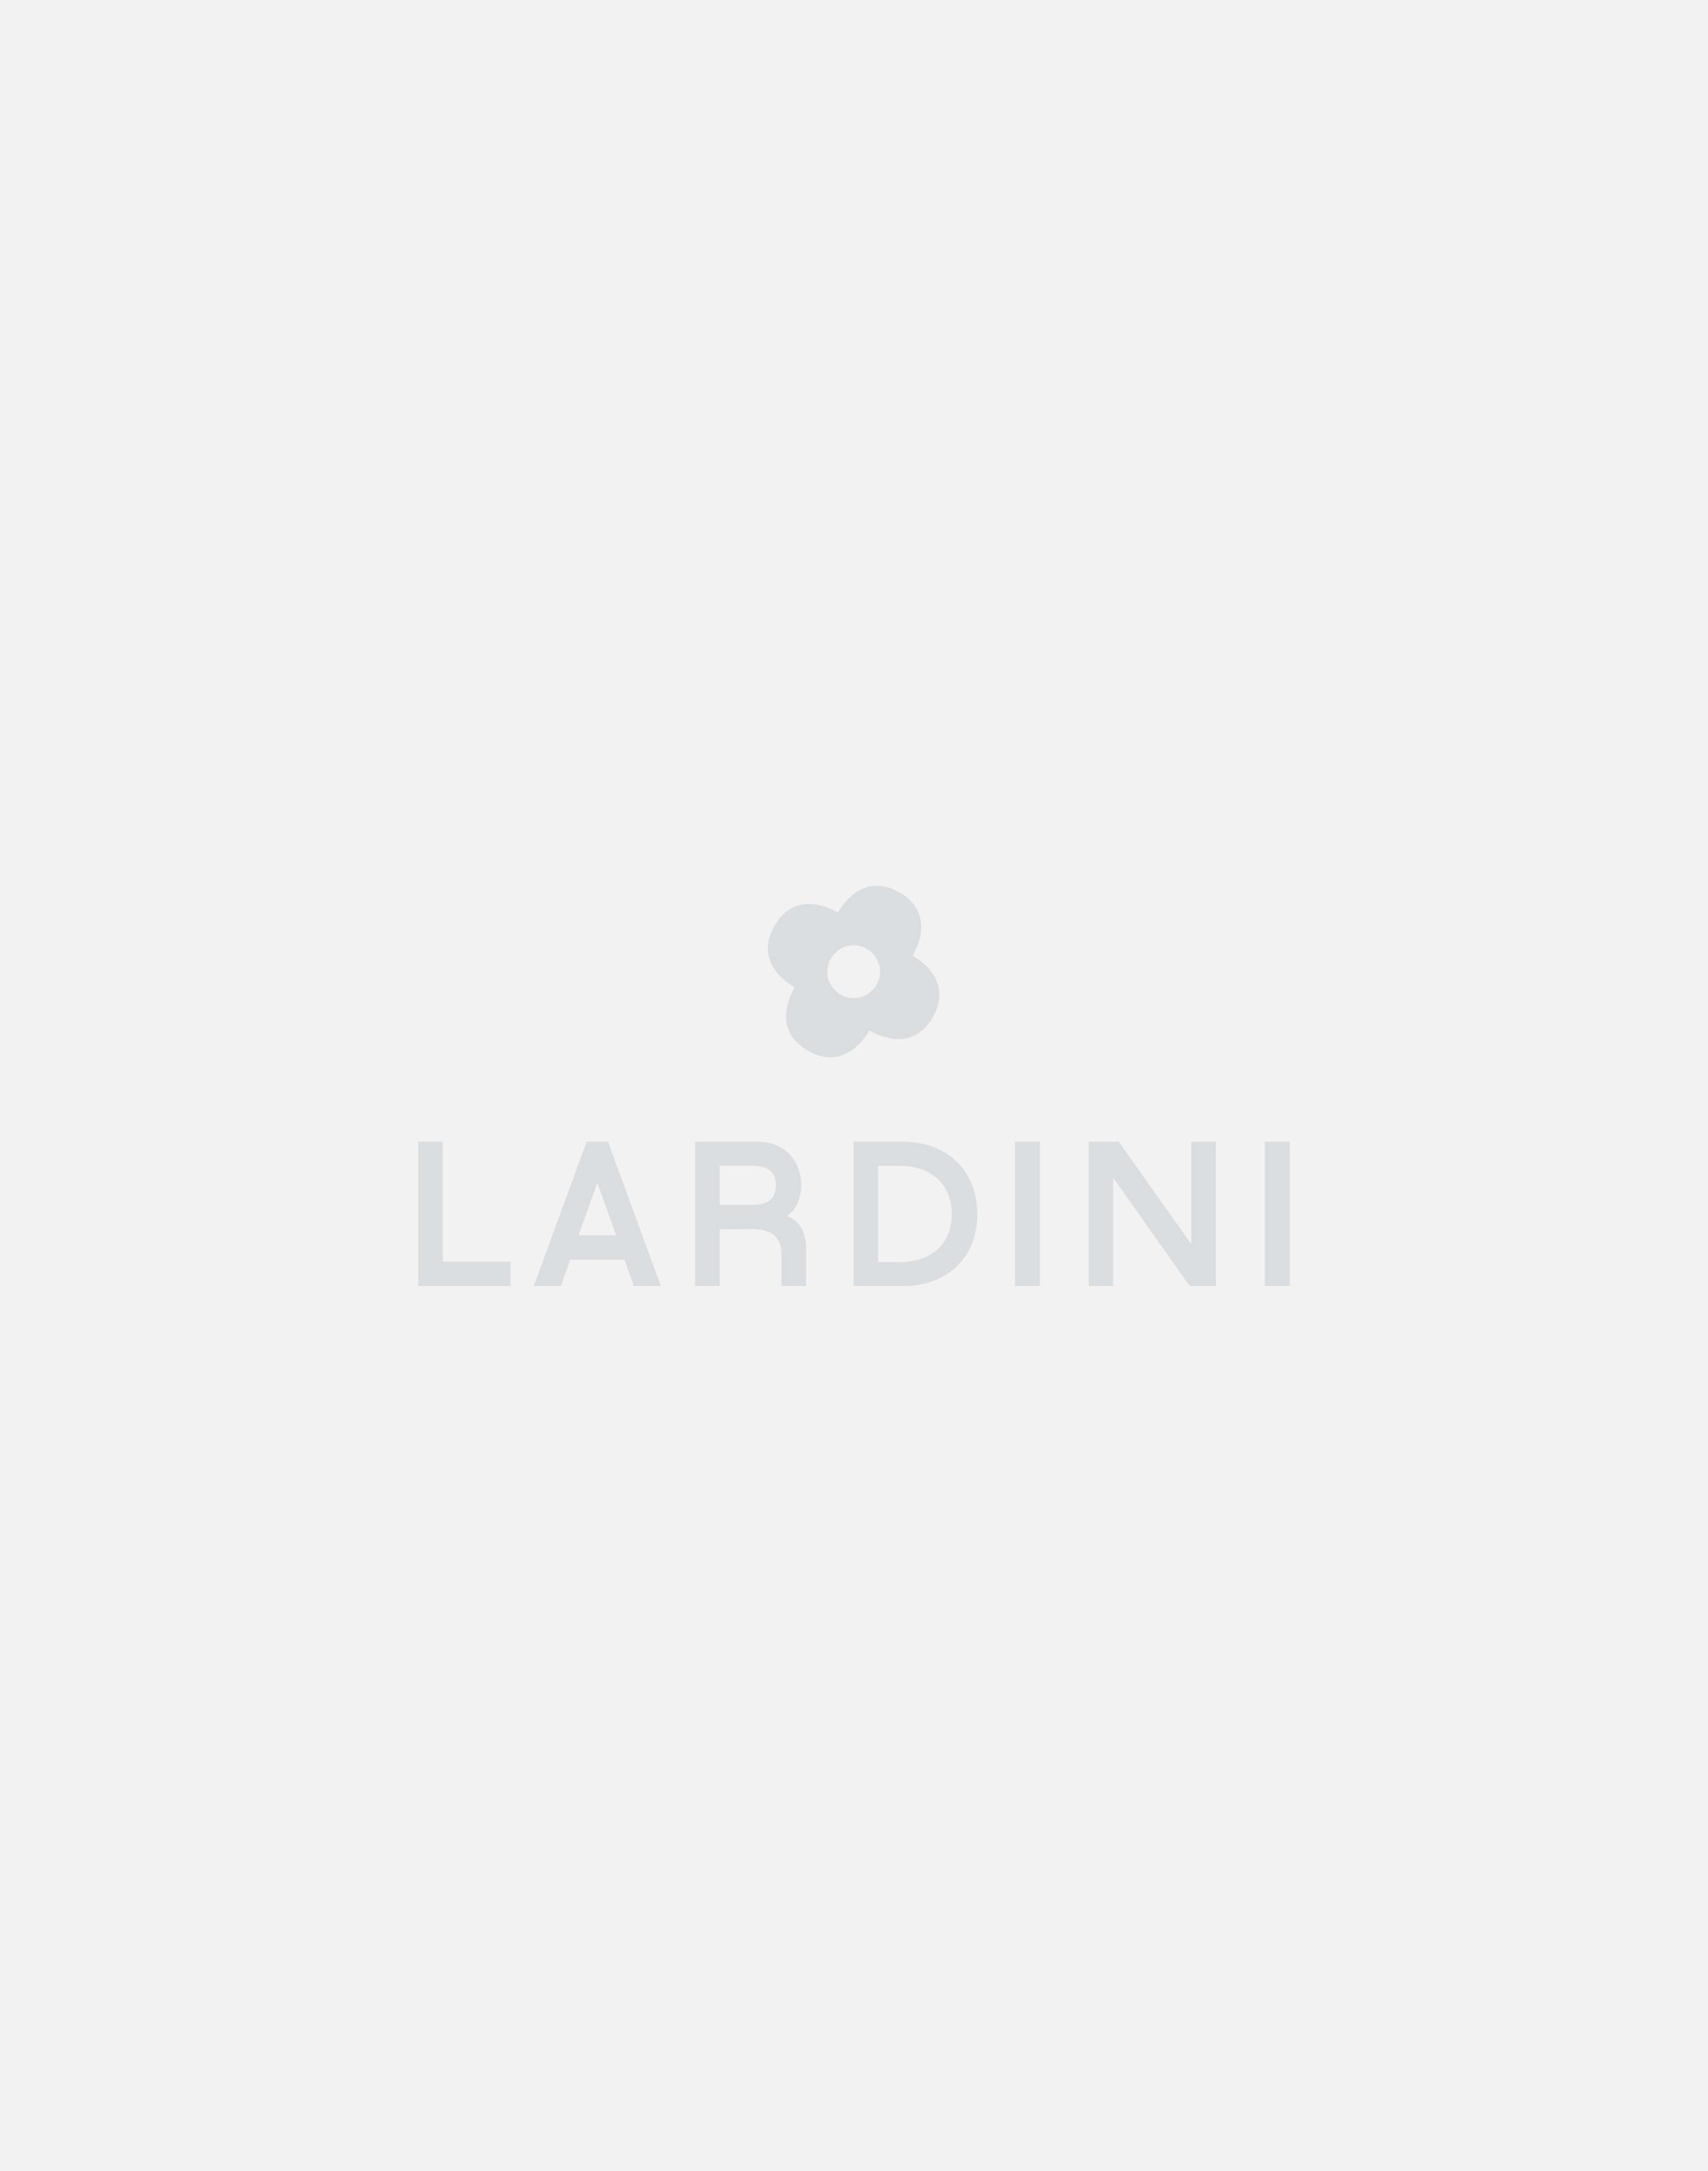 Cream, pink and brick red Regimental striped tie